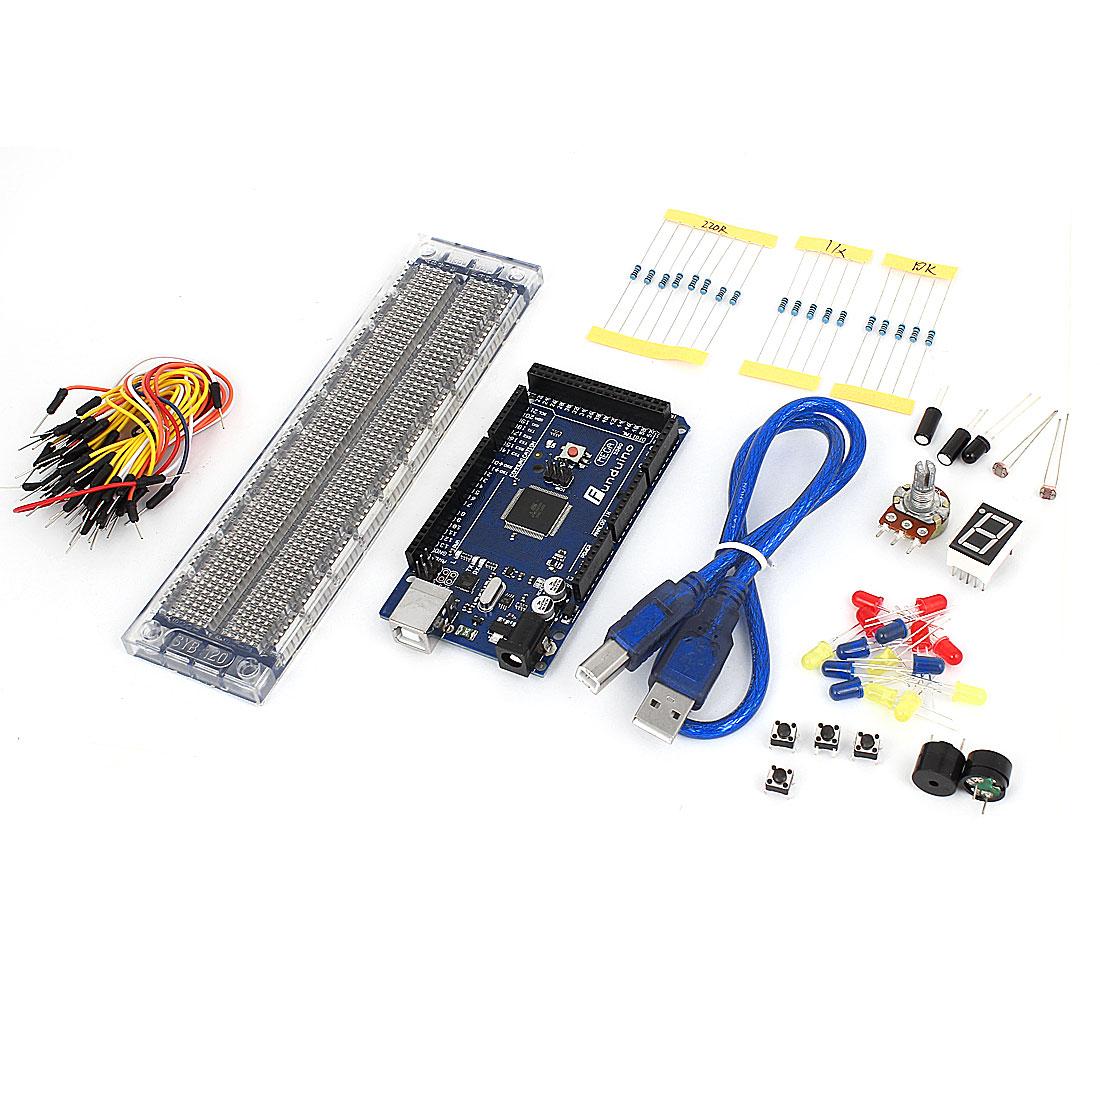 DIY Mega 2560 R3 Development Board Starter Basic Kit for Arduino